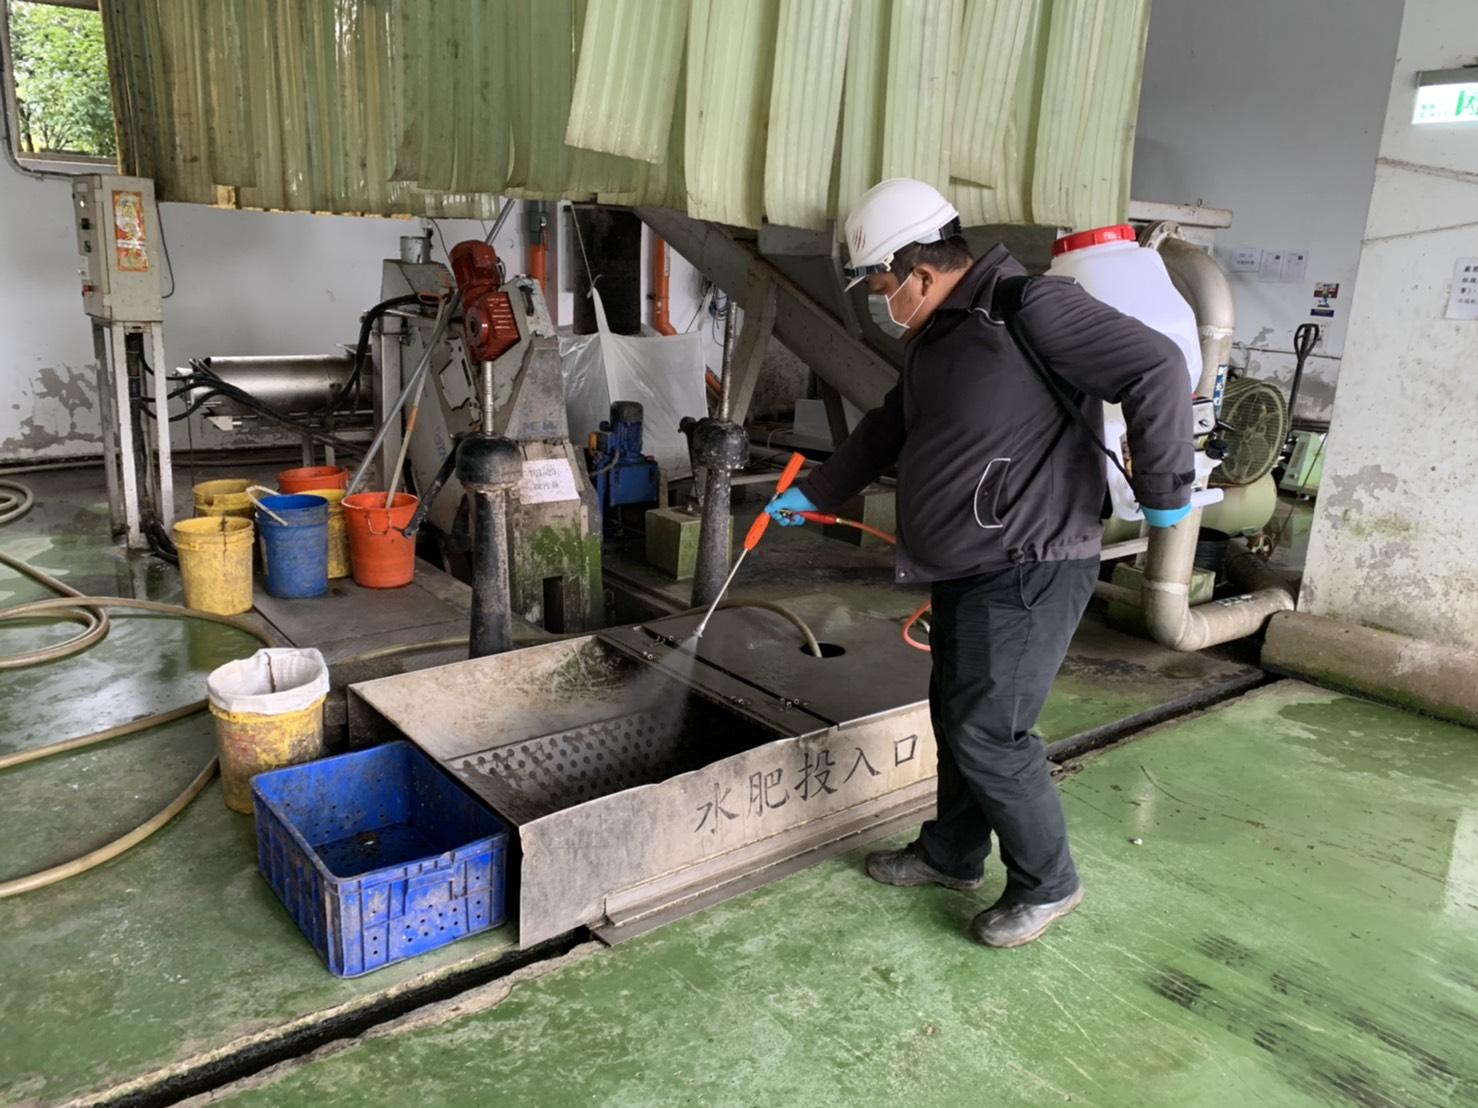 配合防疫各水資中心進行環境消毒作業